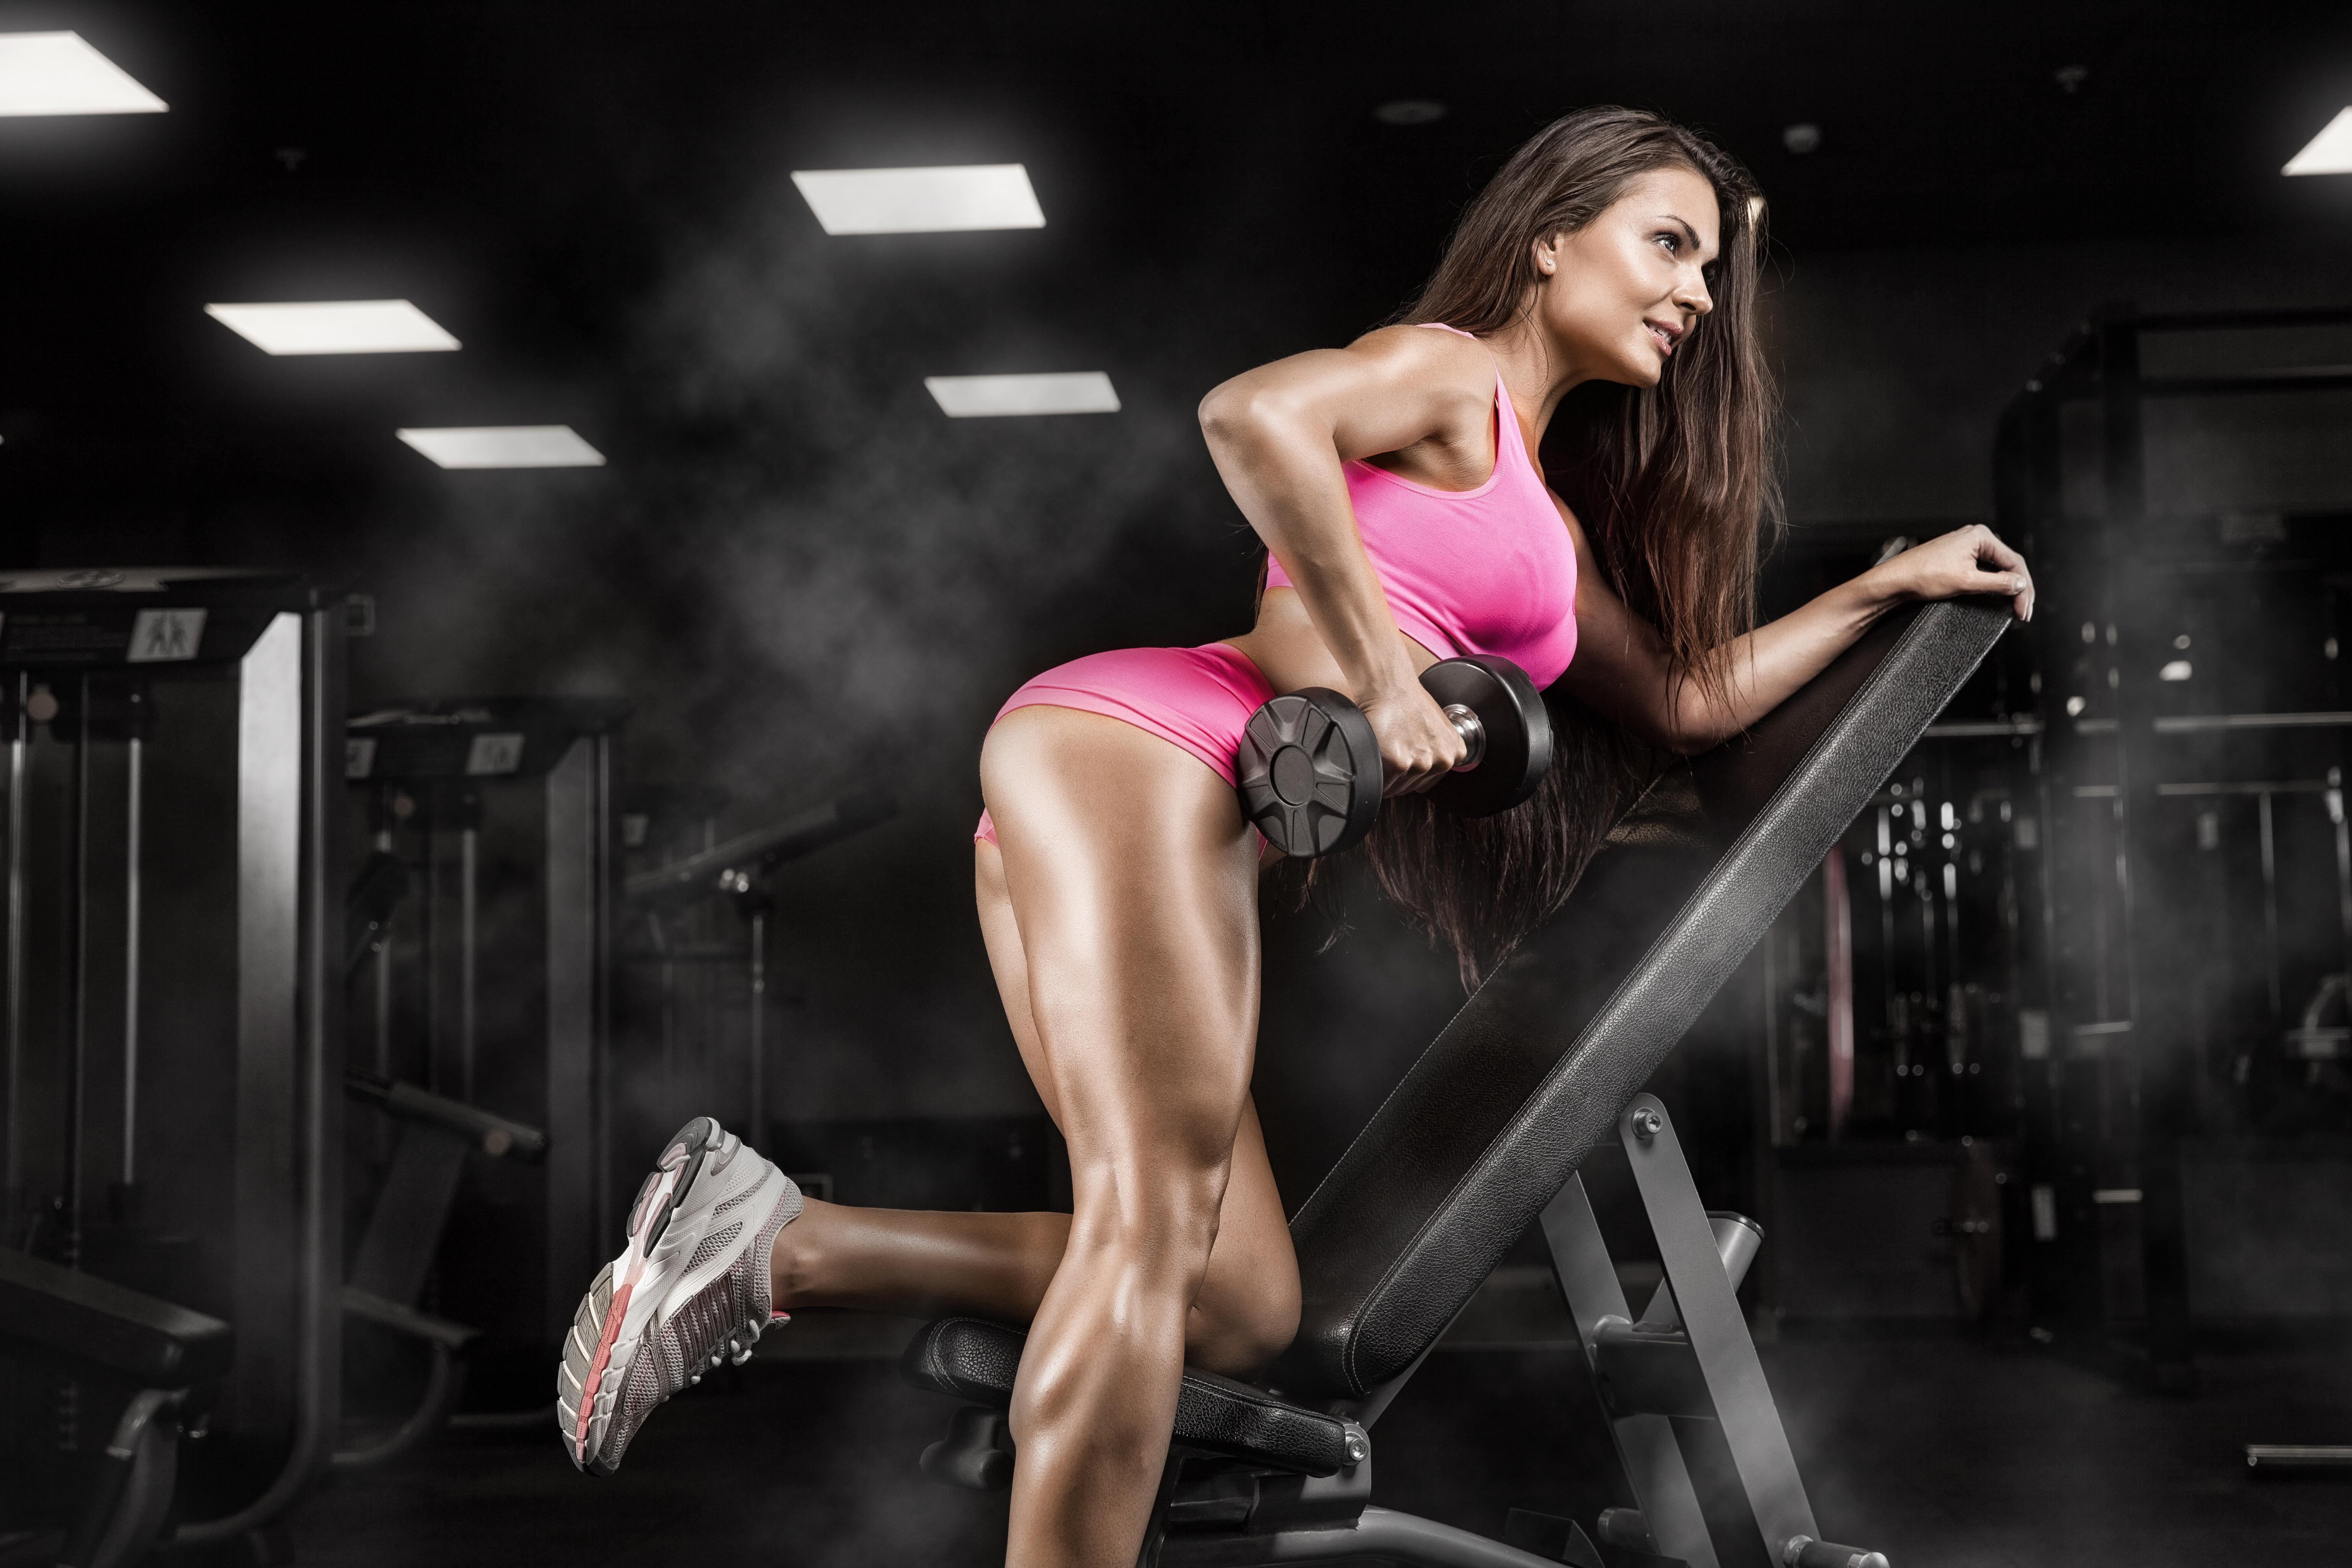 самосовершенствование еще фото красивых девушек в спортзале безприкословно